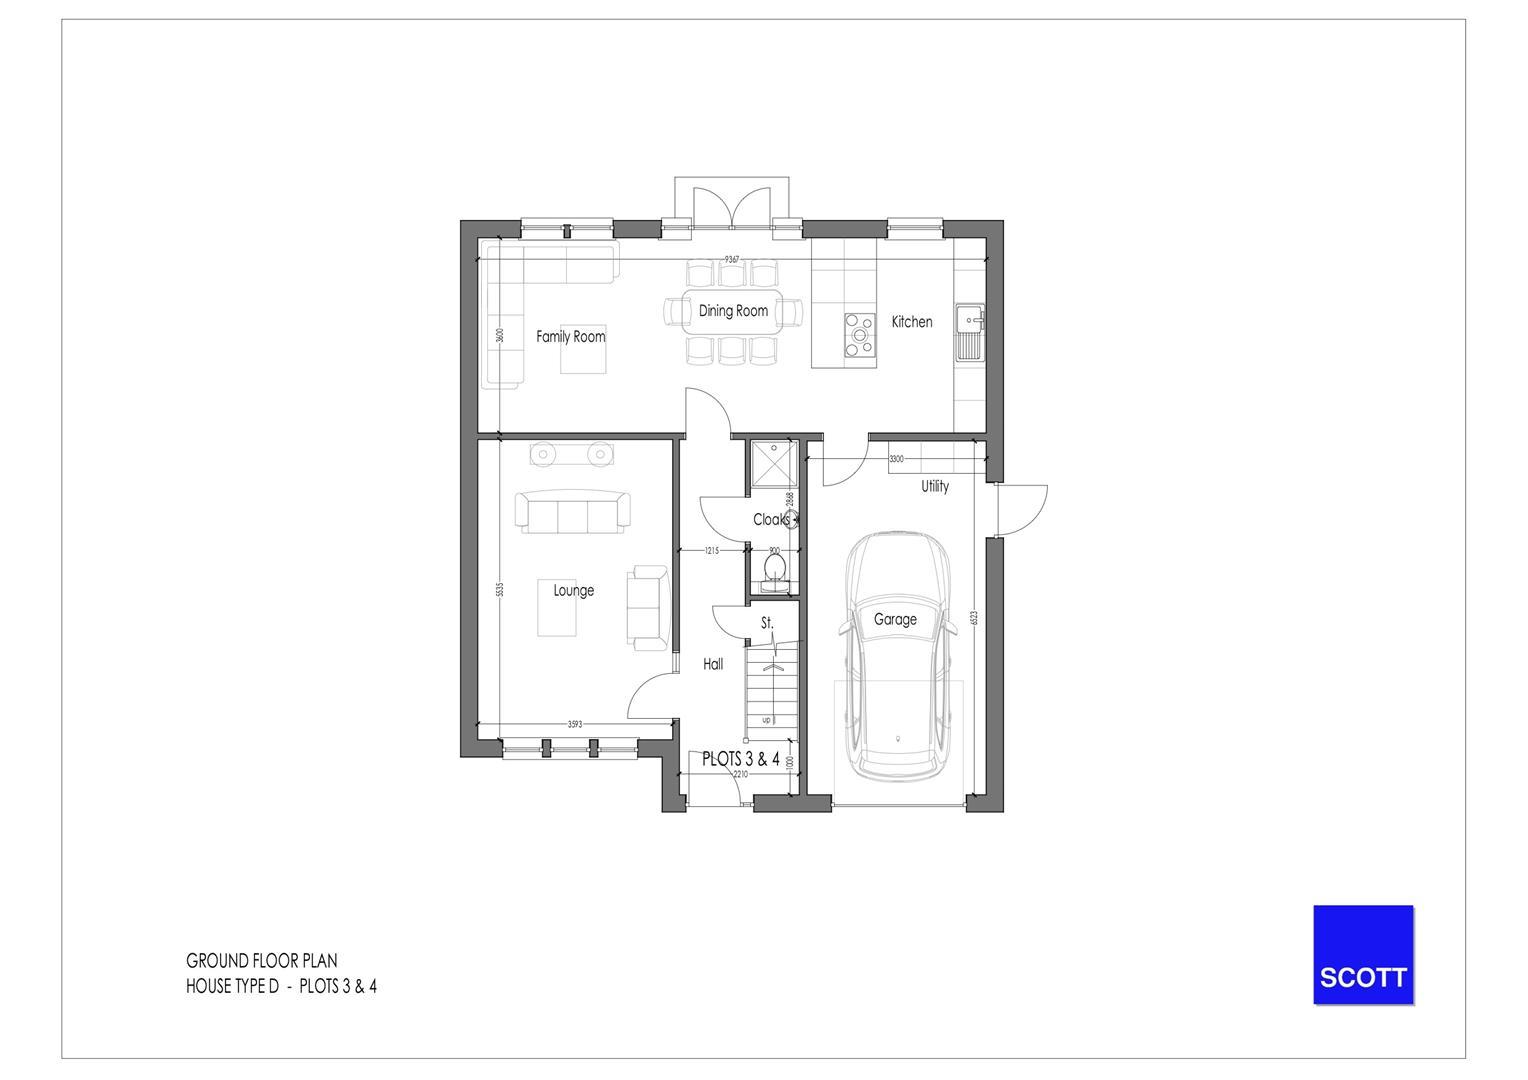 Type D - Detached Plots 3 & 4 - Ground Floor Plan.